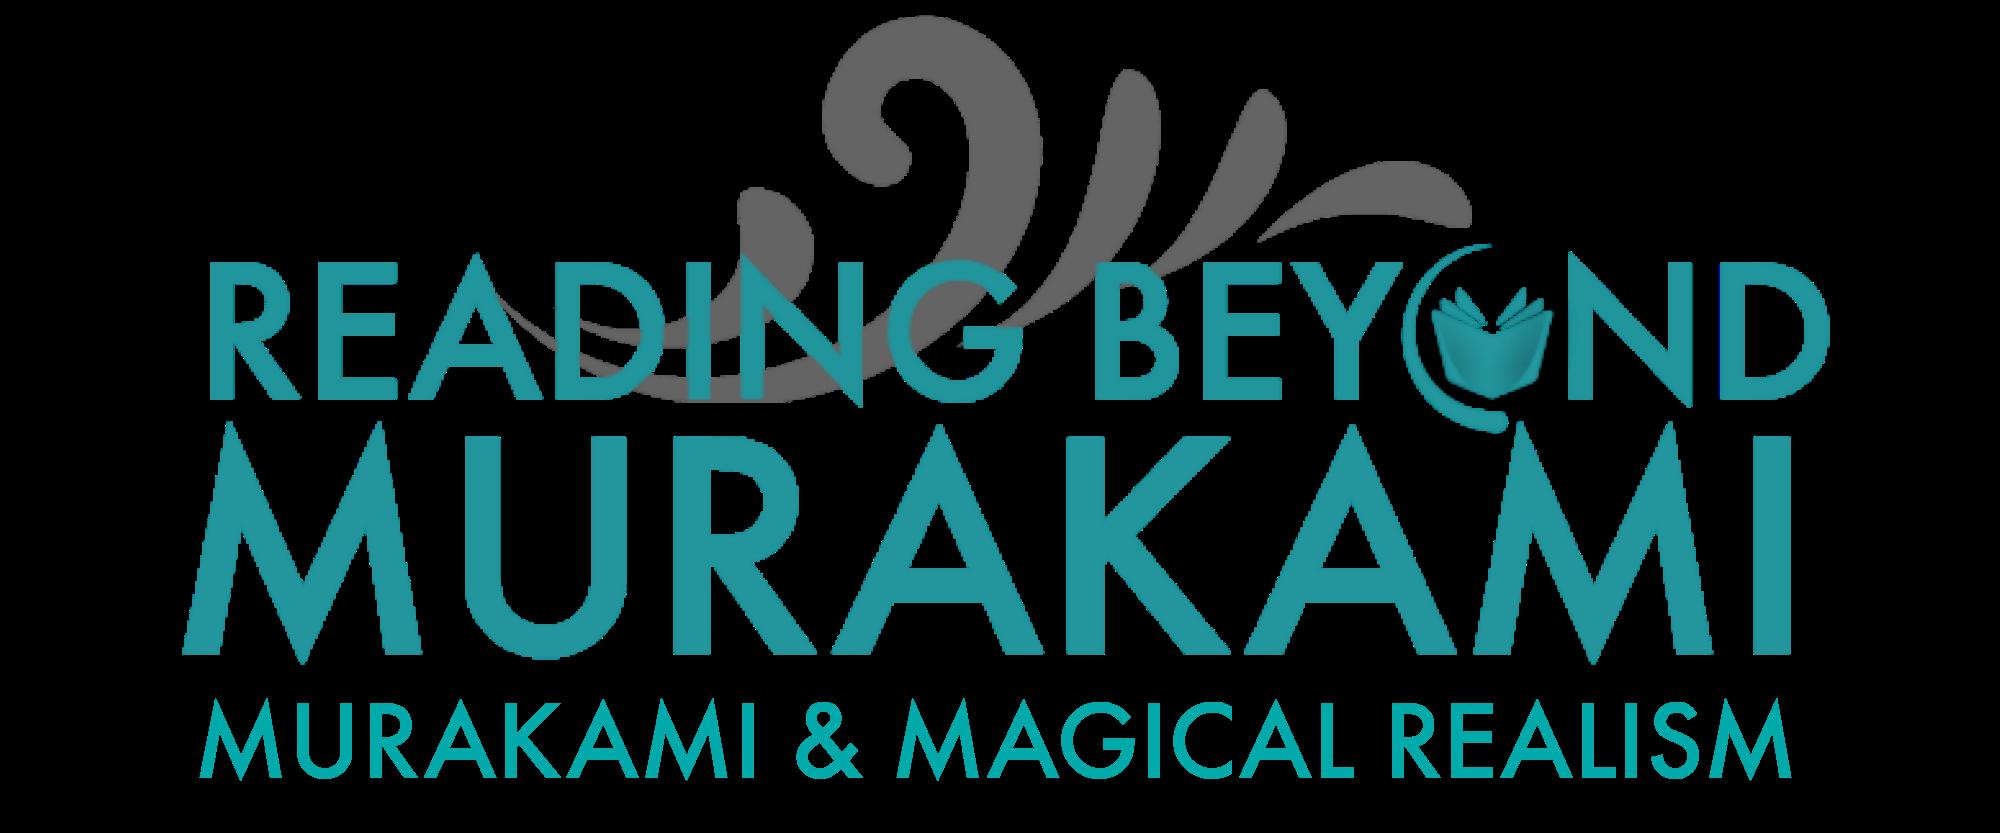 Murakami Magical Realism Book Oblivion